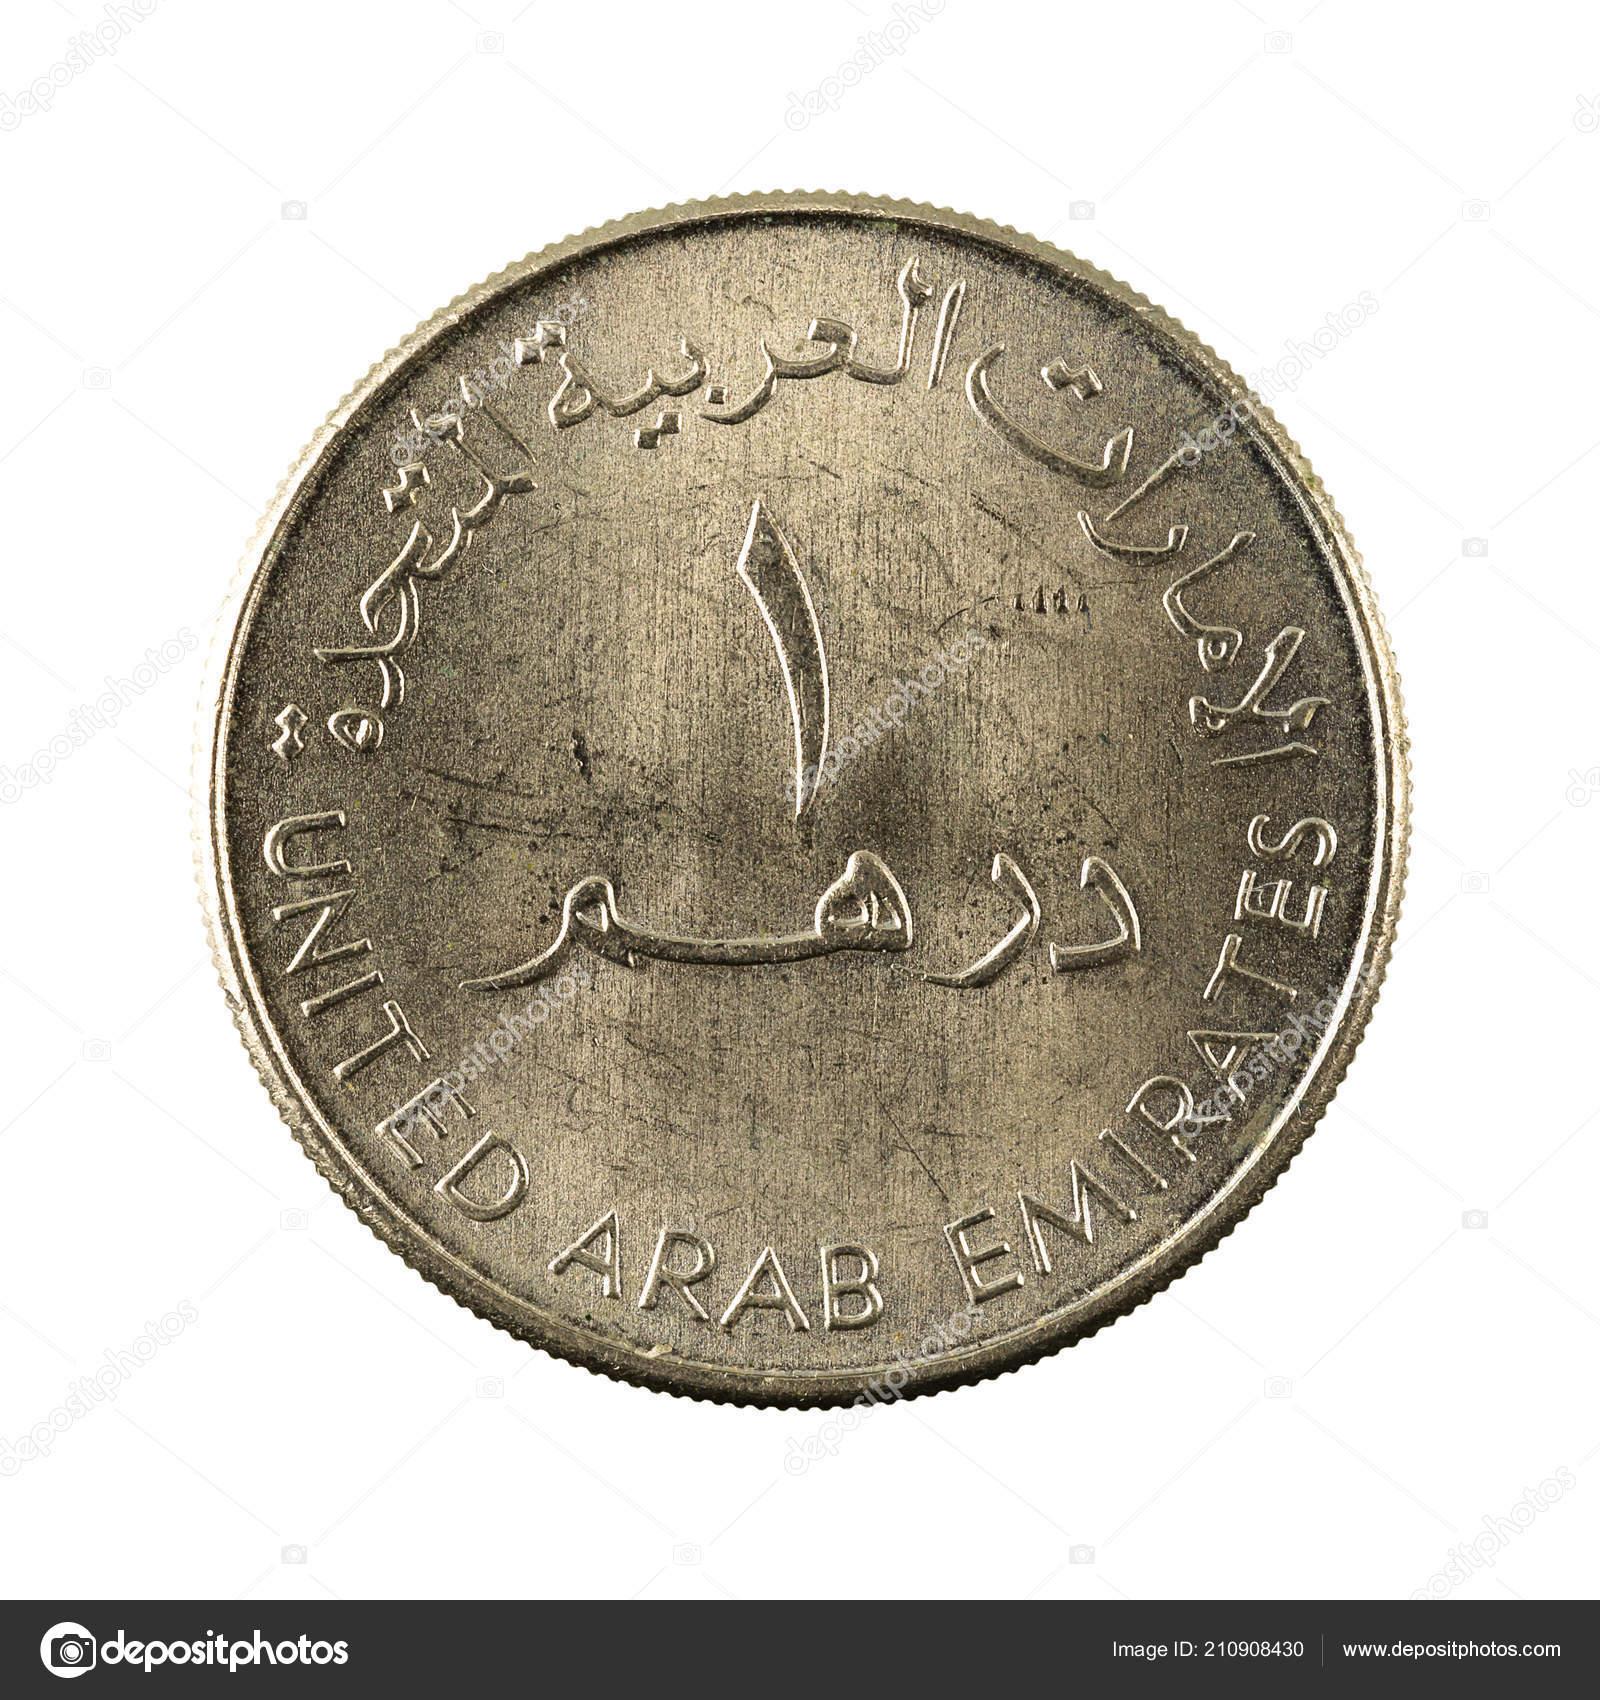 Vereinigte Arabische Emirate Dirham Münze Vorderseite Isoliert Auf